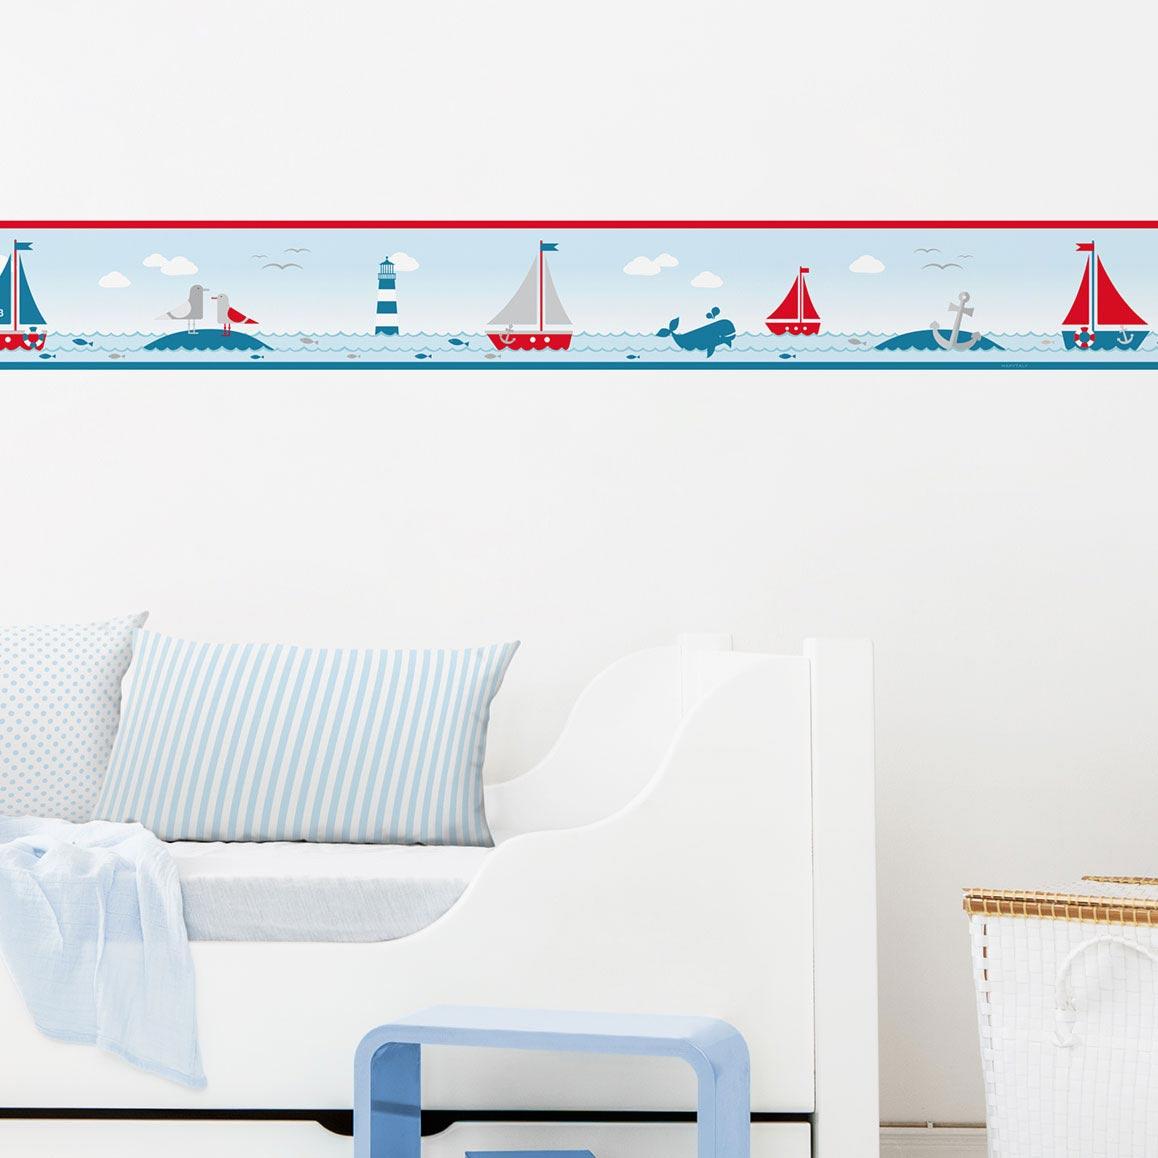 Bordüre fürs Kinderzimmer im maritimen Design, Sailing Red